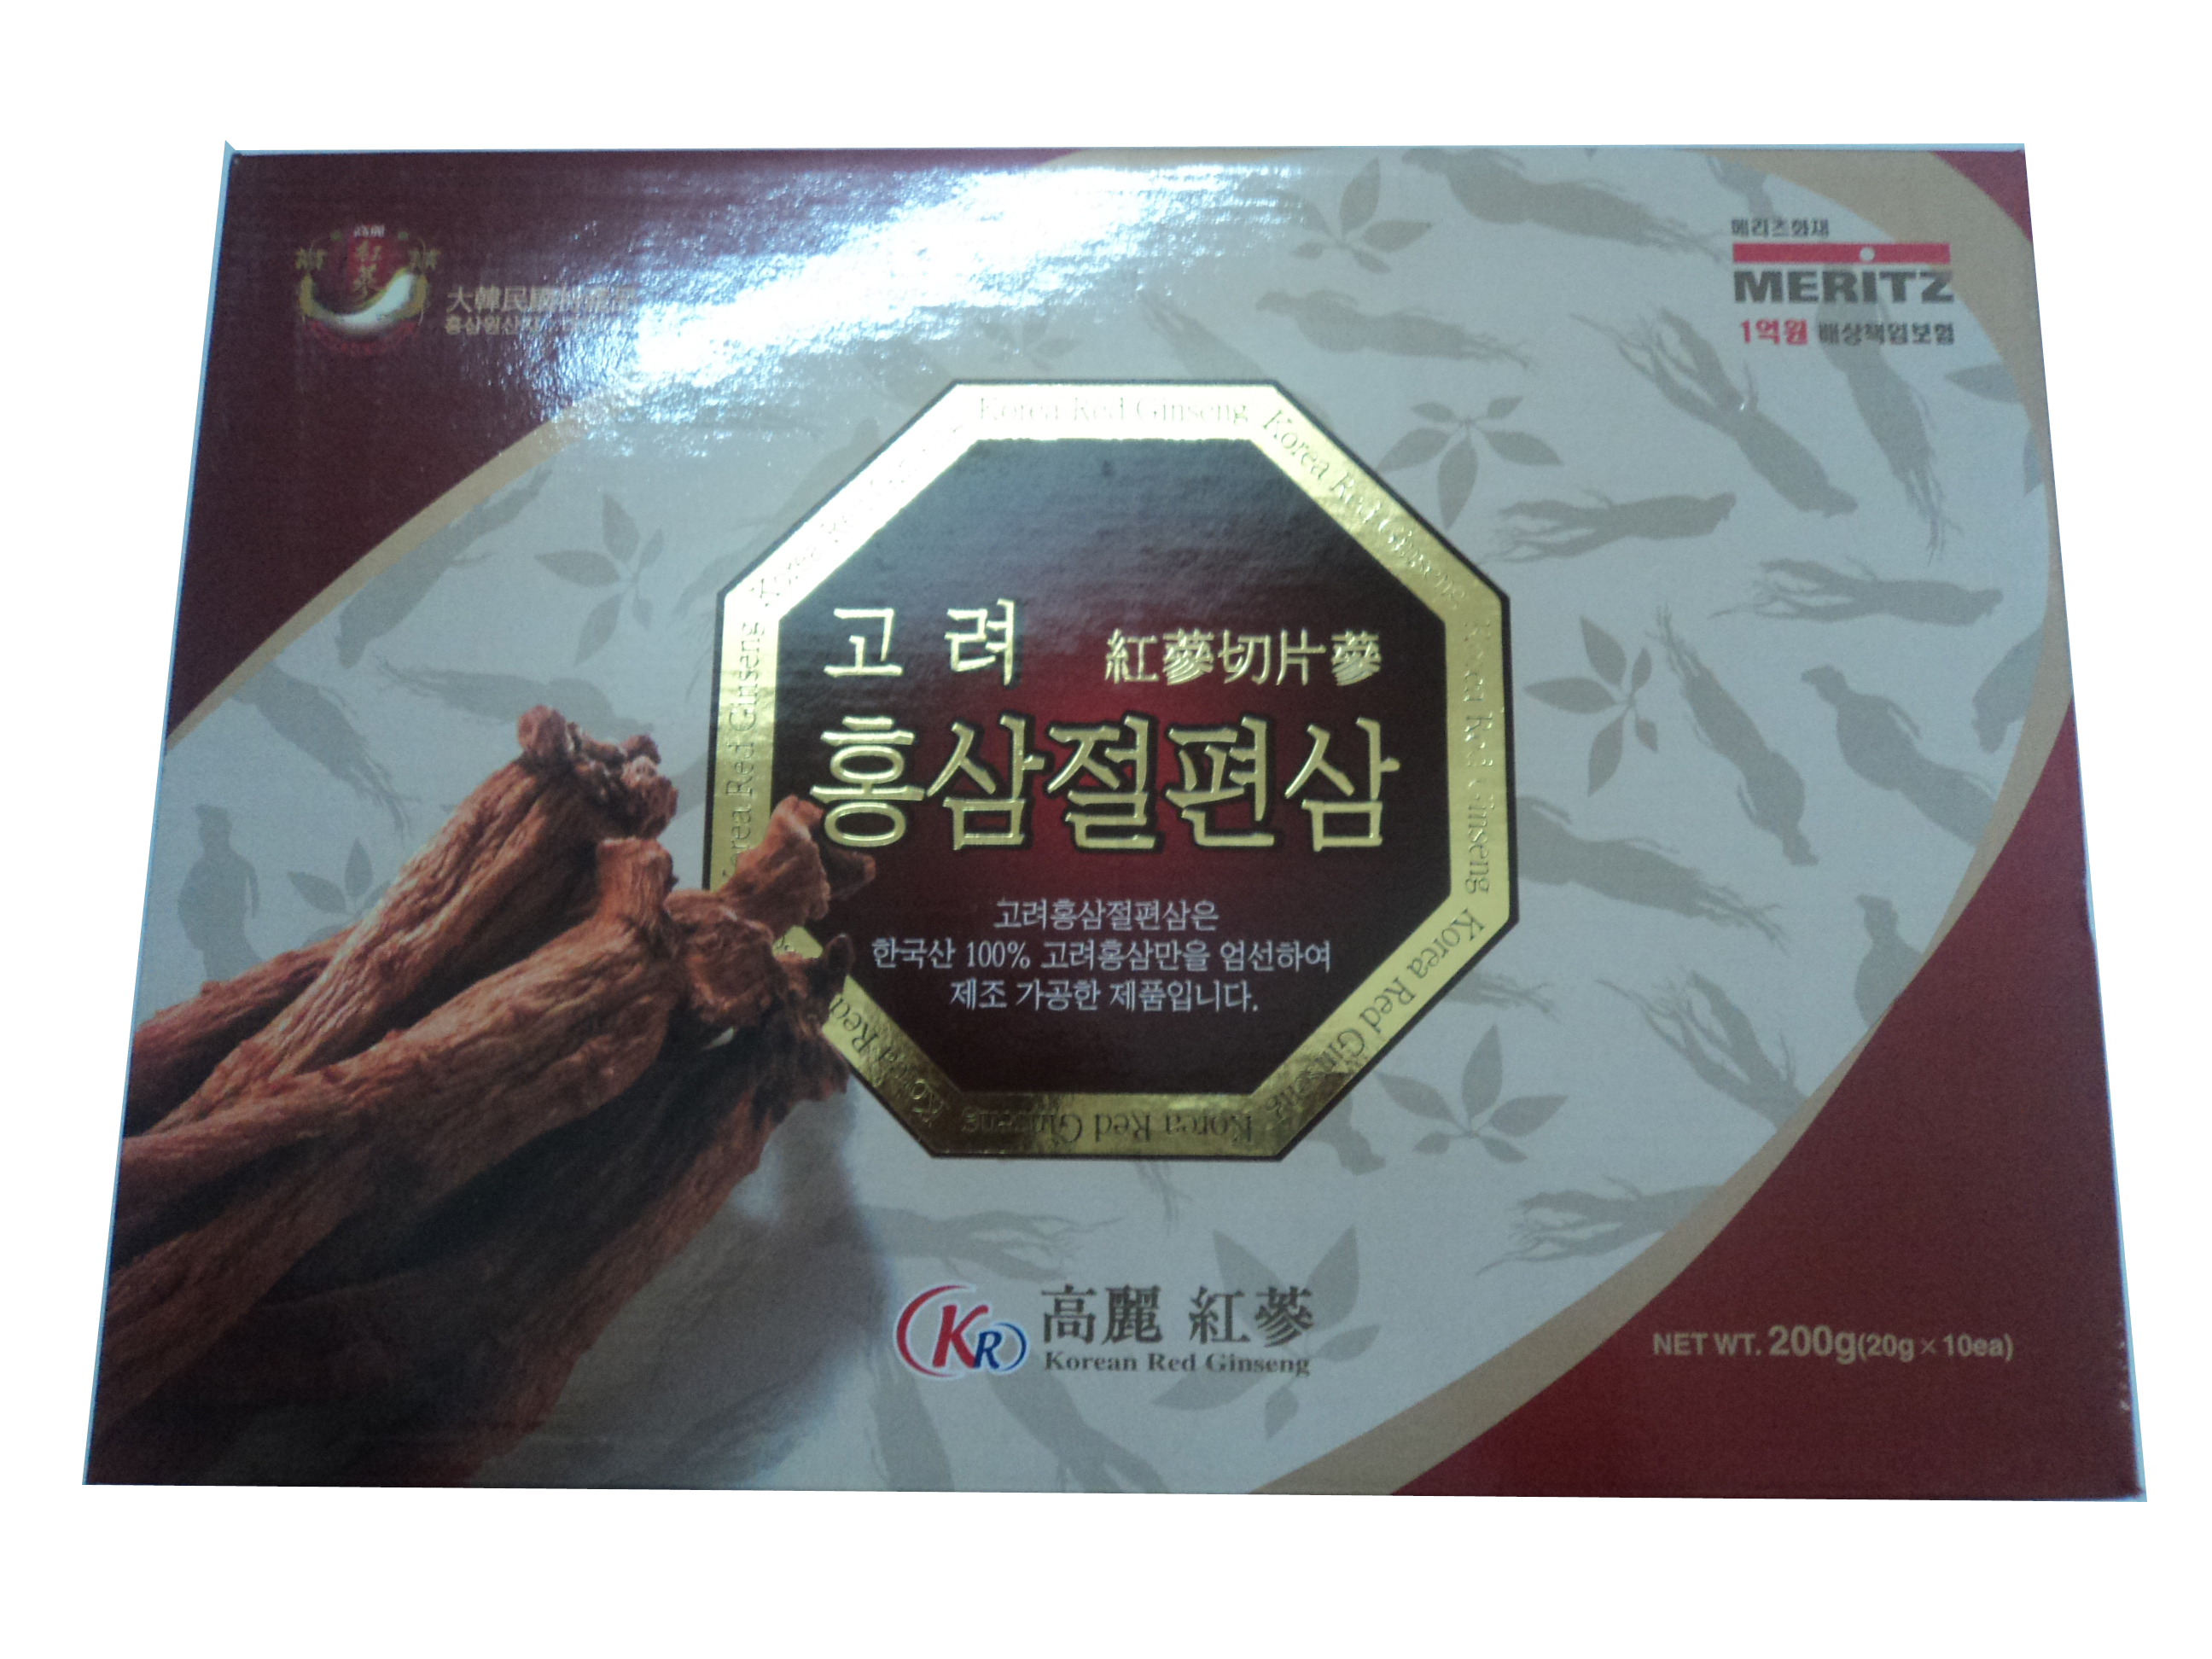 Thêm mới - Hồng Sâm Lát Tẩm Mật Ong Hiệu MERITZ Hàn Quốc